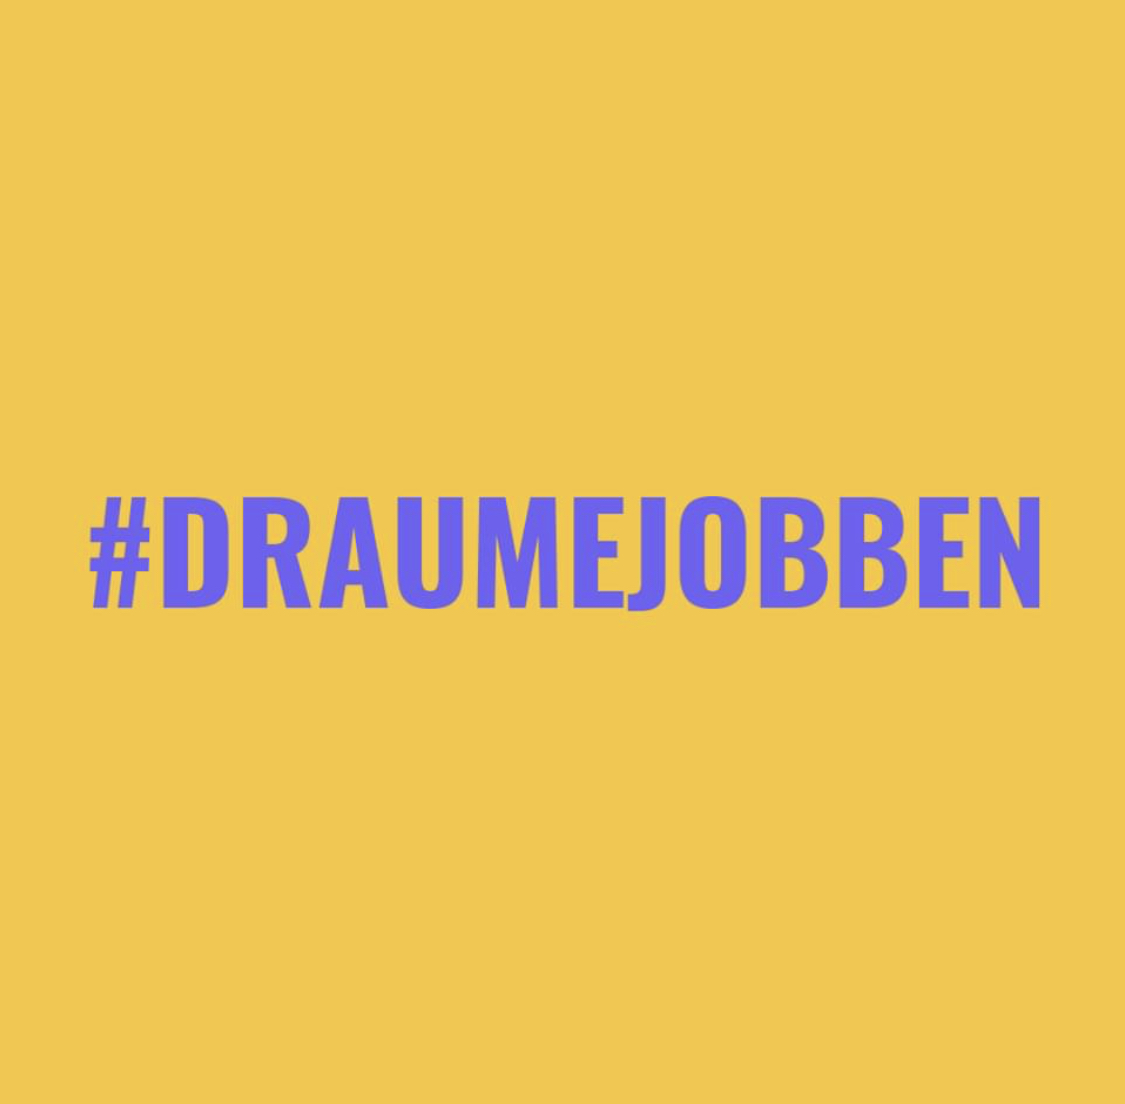 #draumejobben